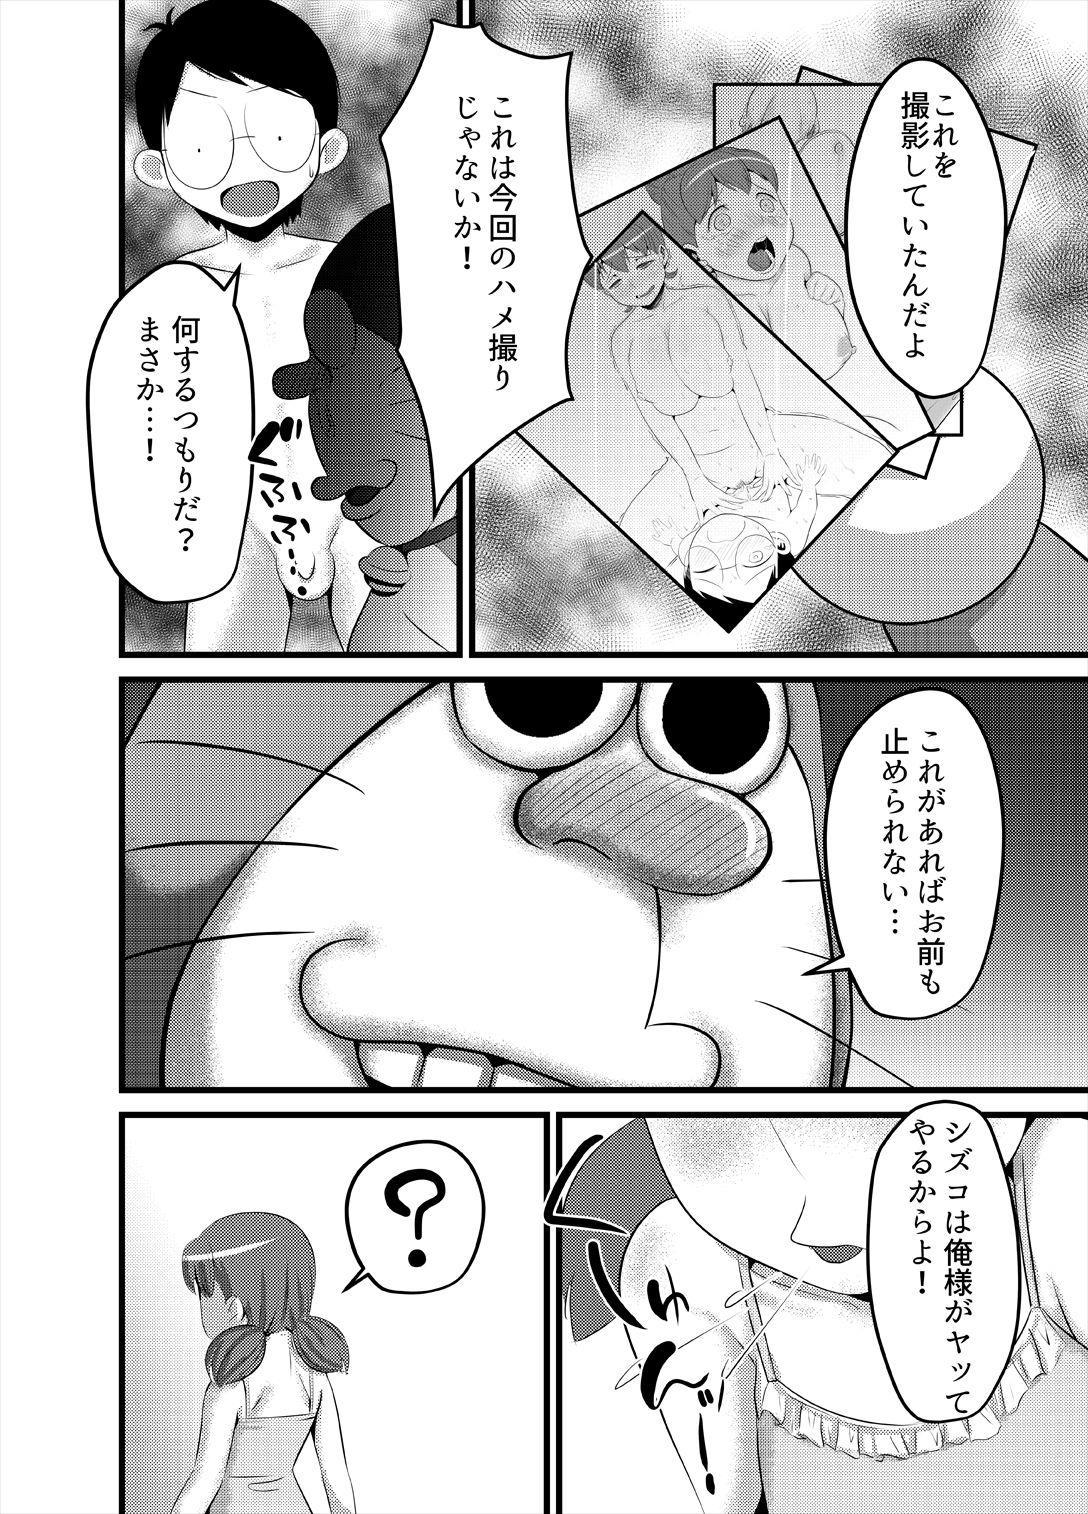 [Babymaker (Beco)] Gesuemon STAND-MY-D (Doraemon) [Digital] 22